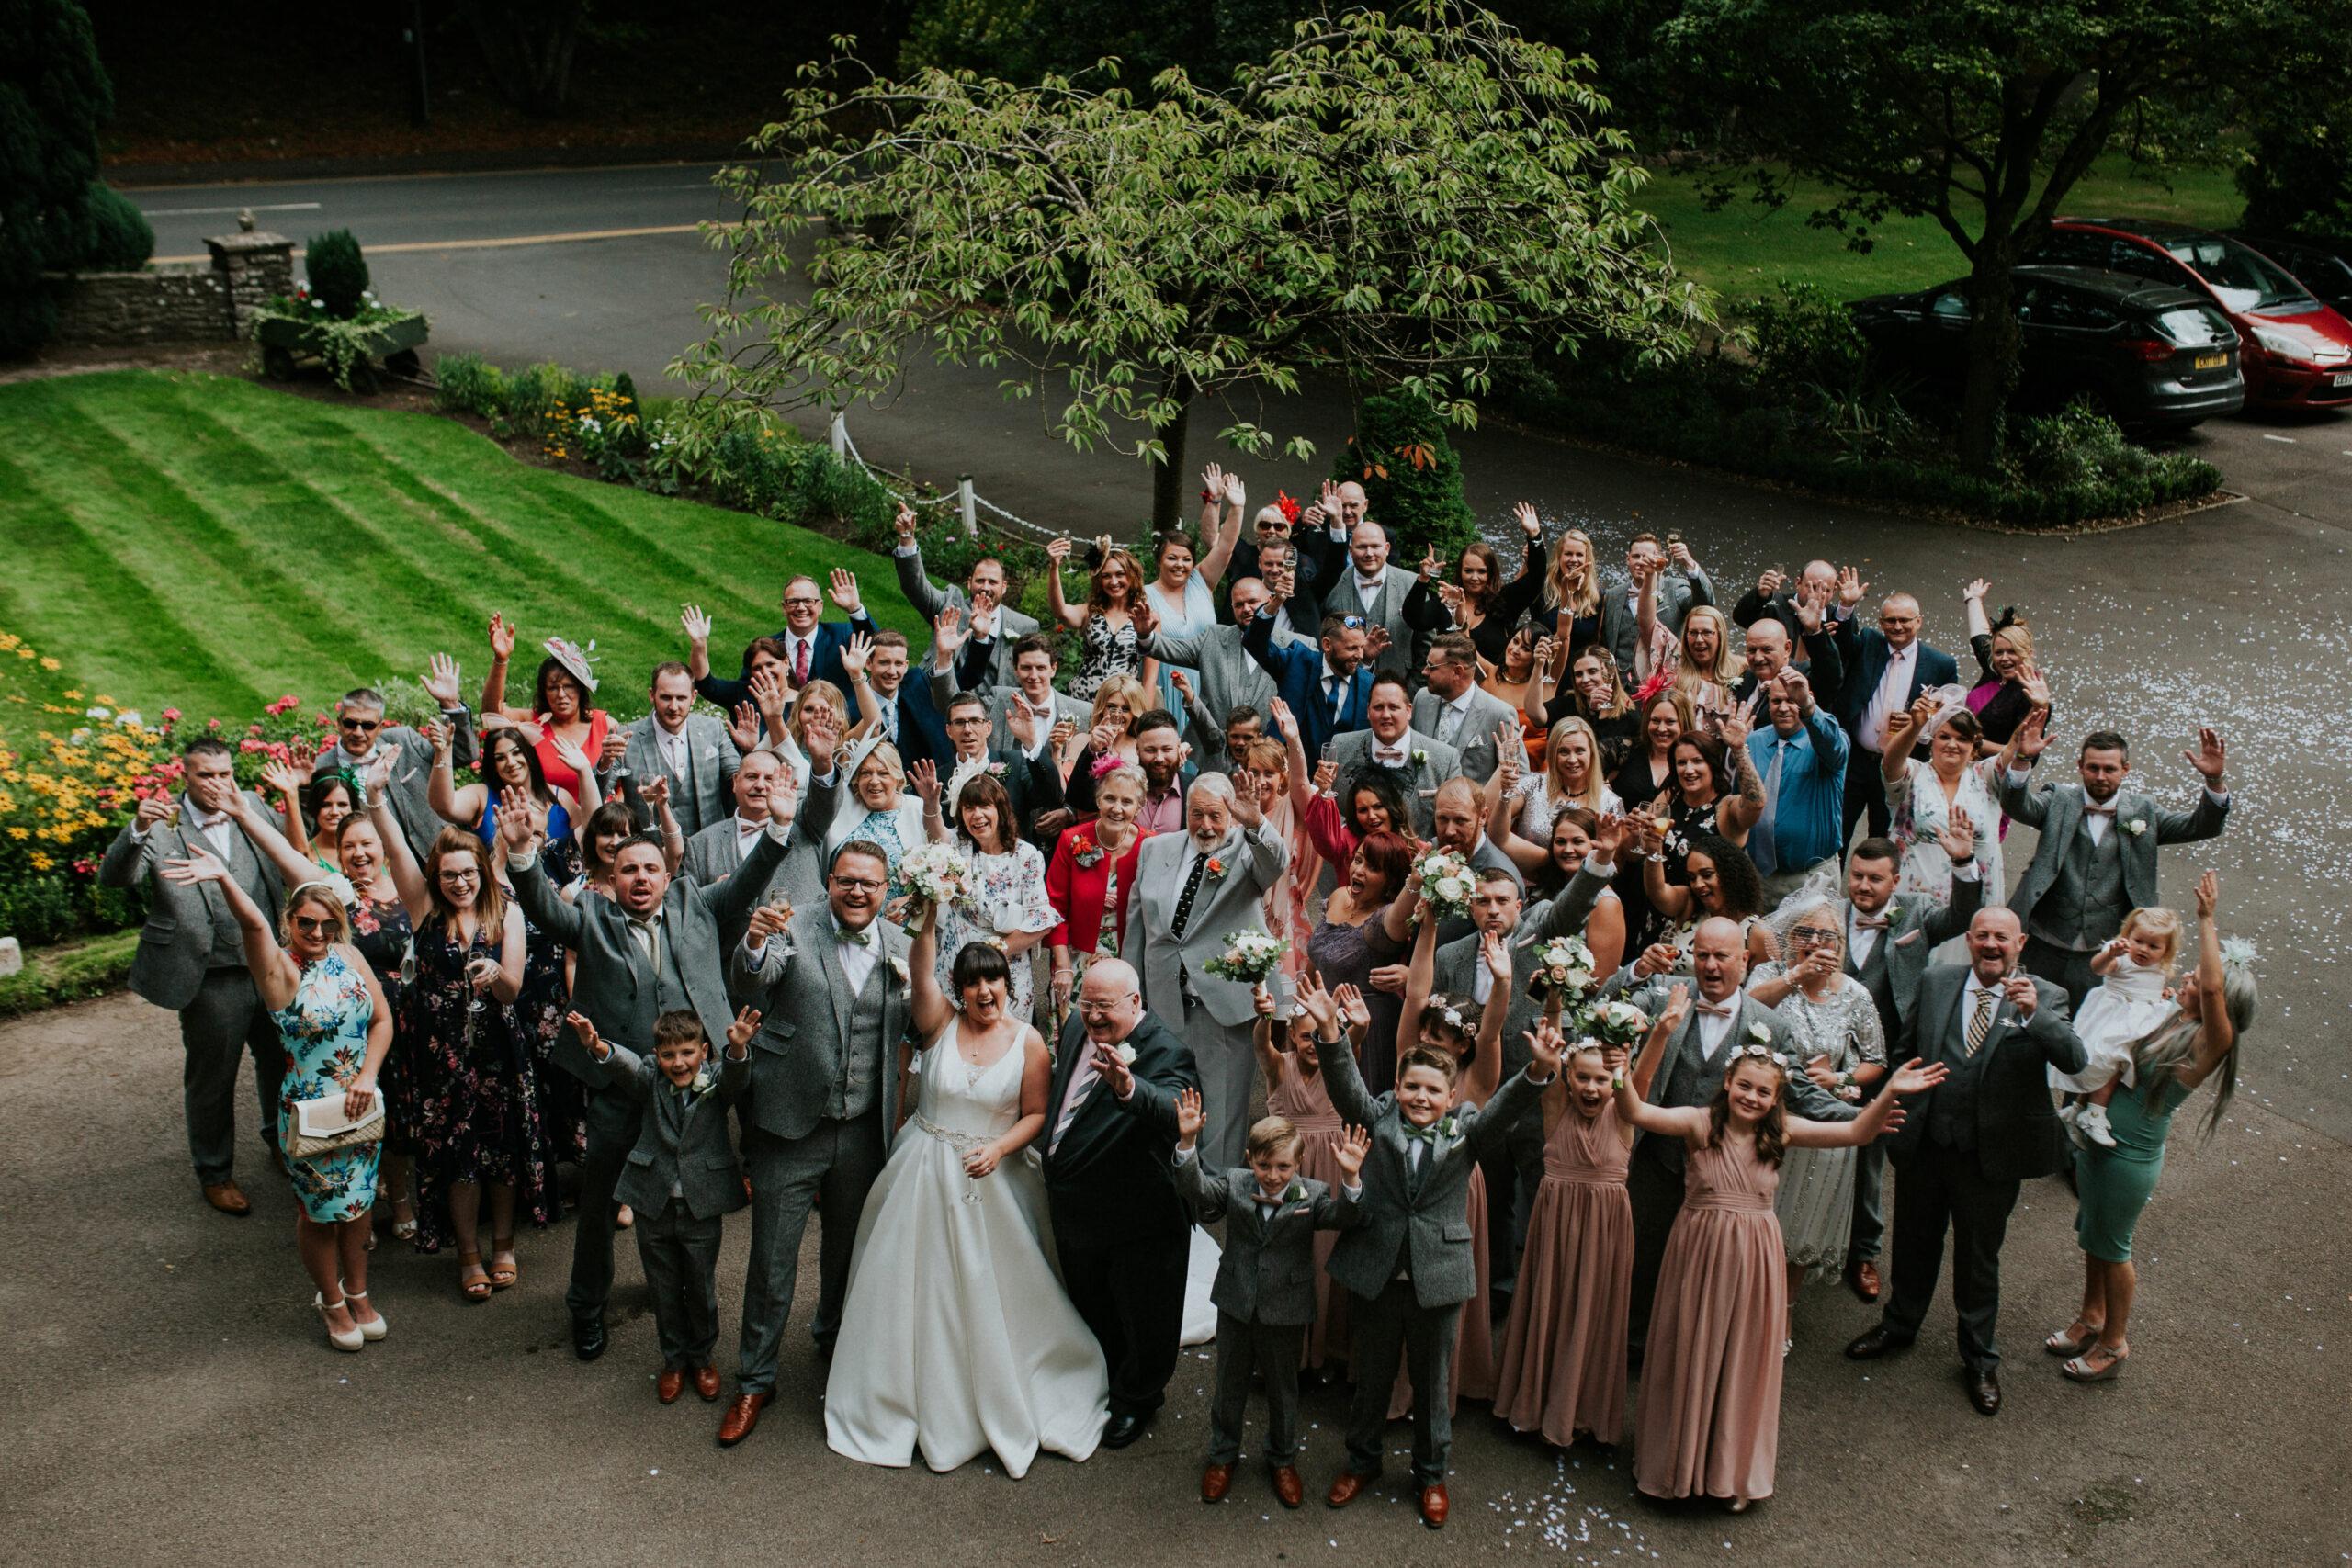 whole wedding group photo